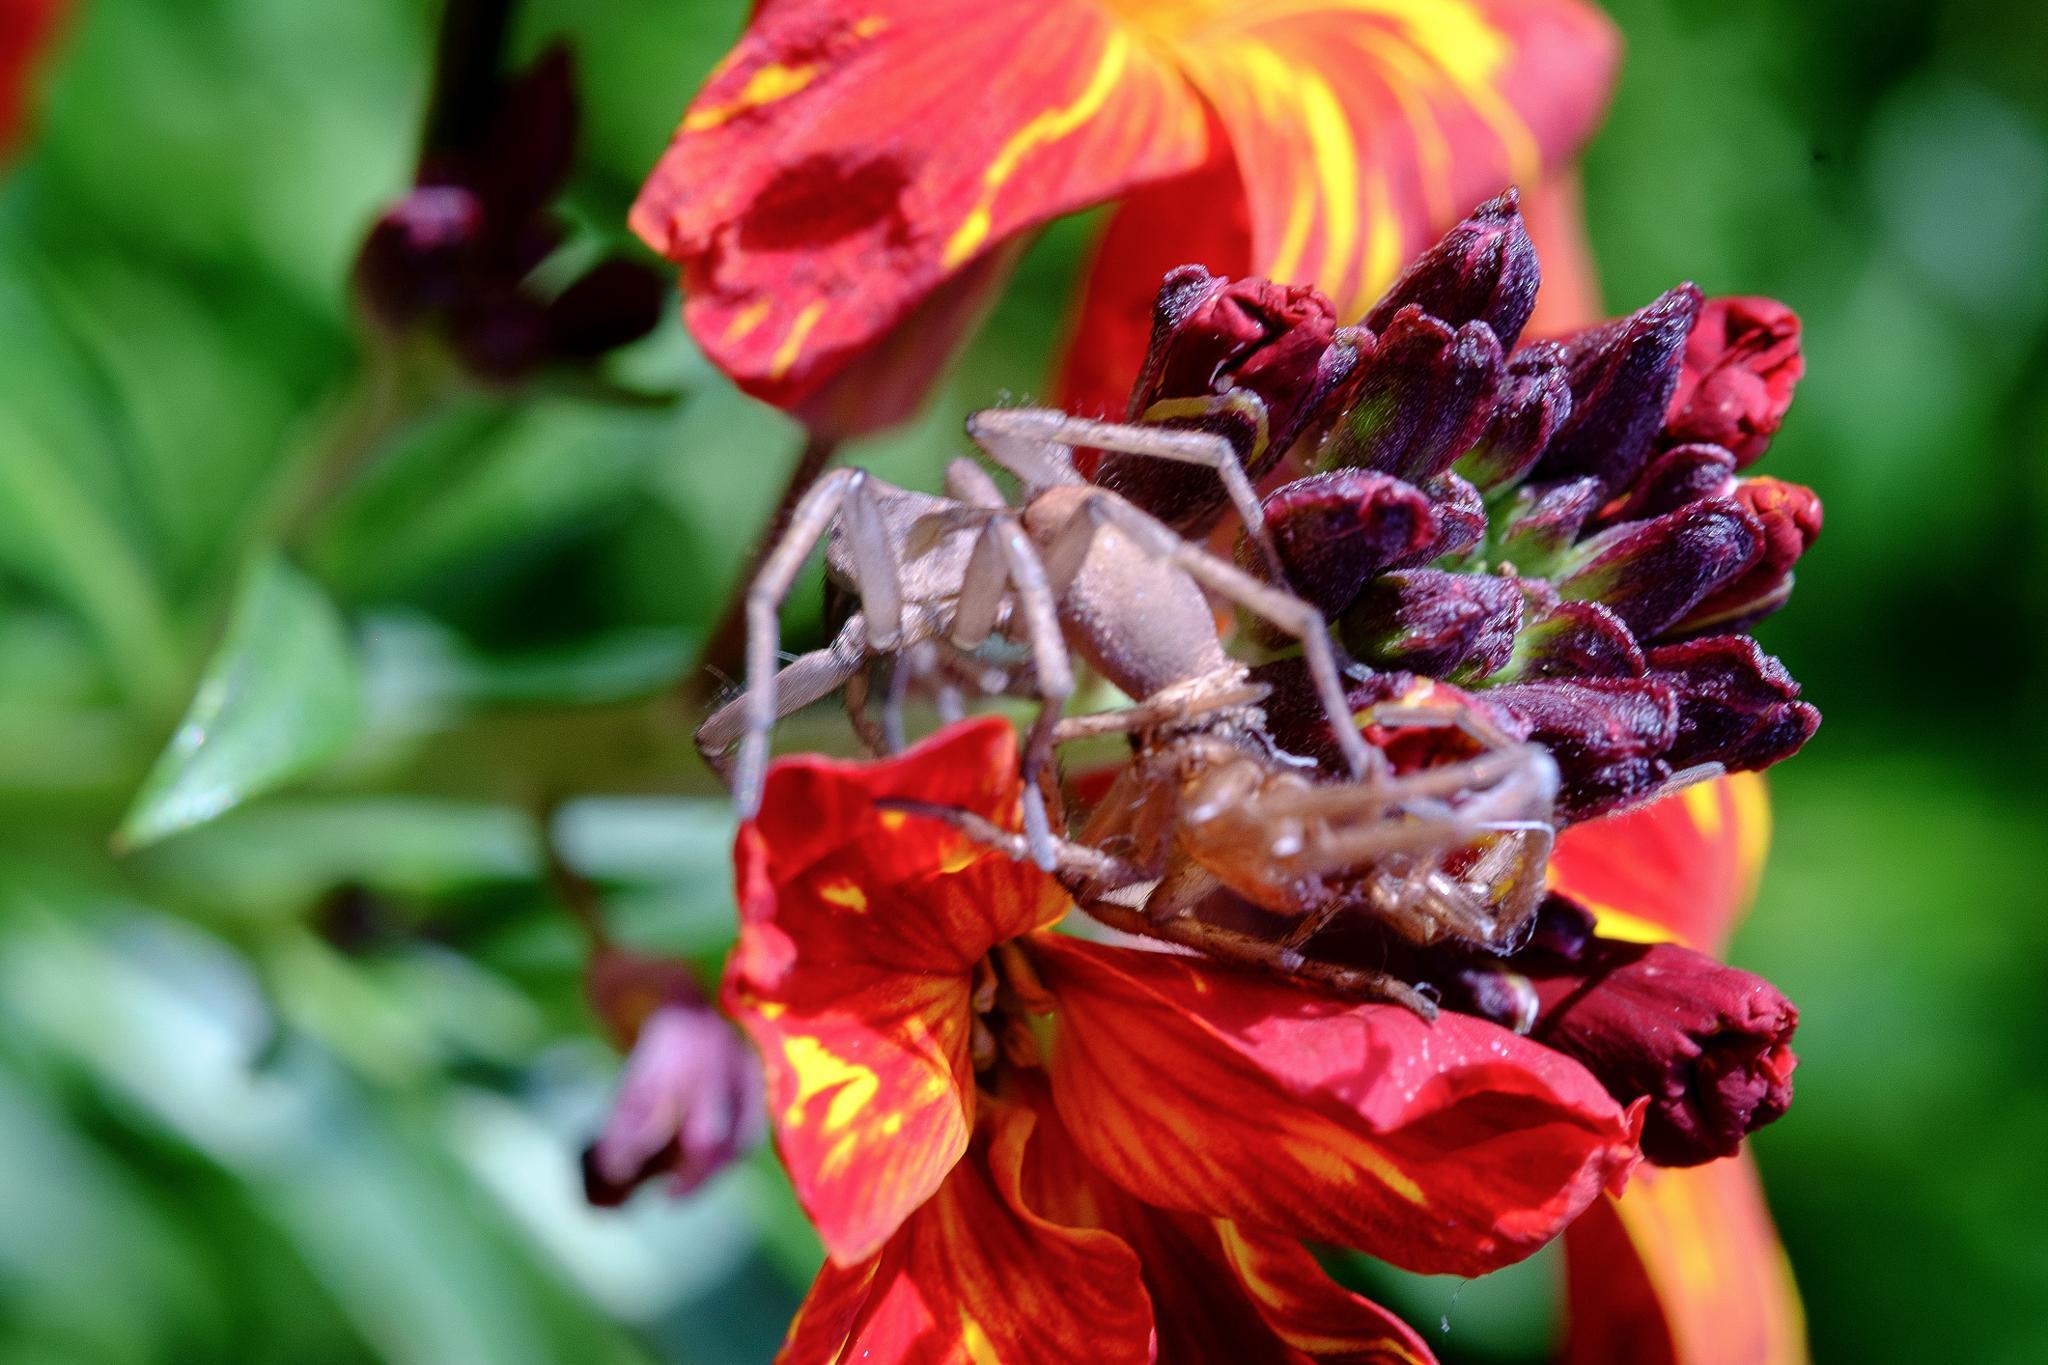 naissance de l'araigniée.1 by photosdan